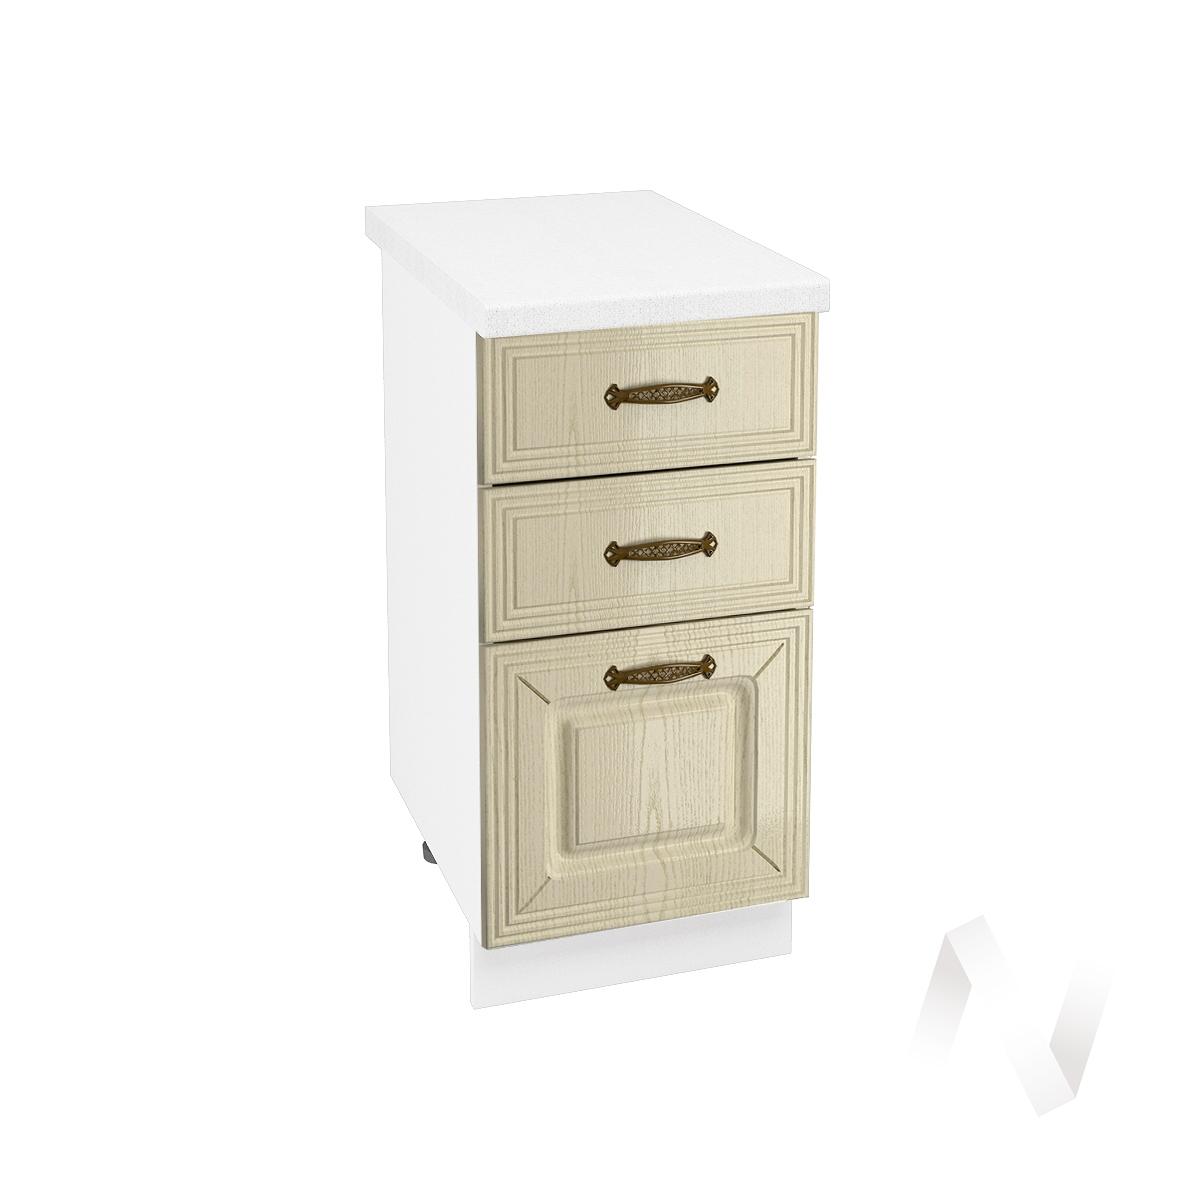 """Кухня """"Изабель"""": Шкаф нижний с 3-мя ящиками 400, ШН3Я 400 (корпус белый)"""